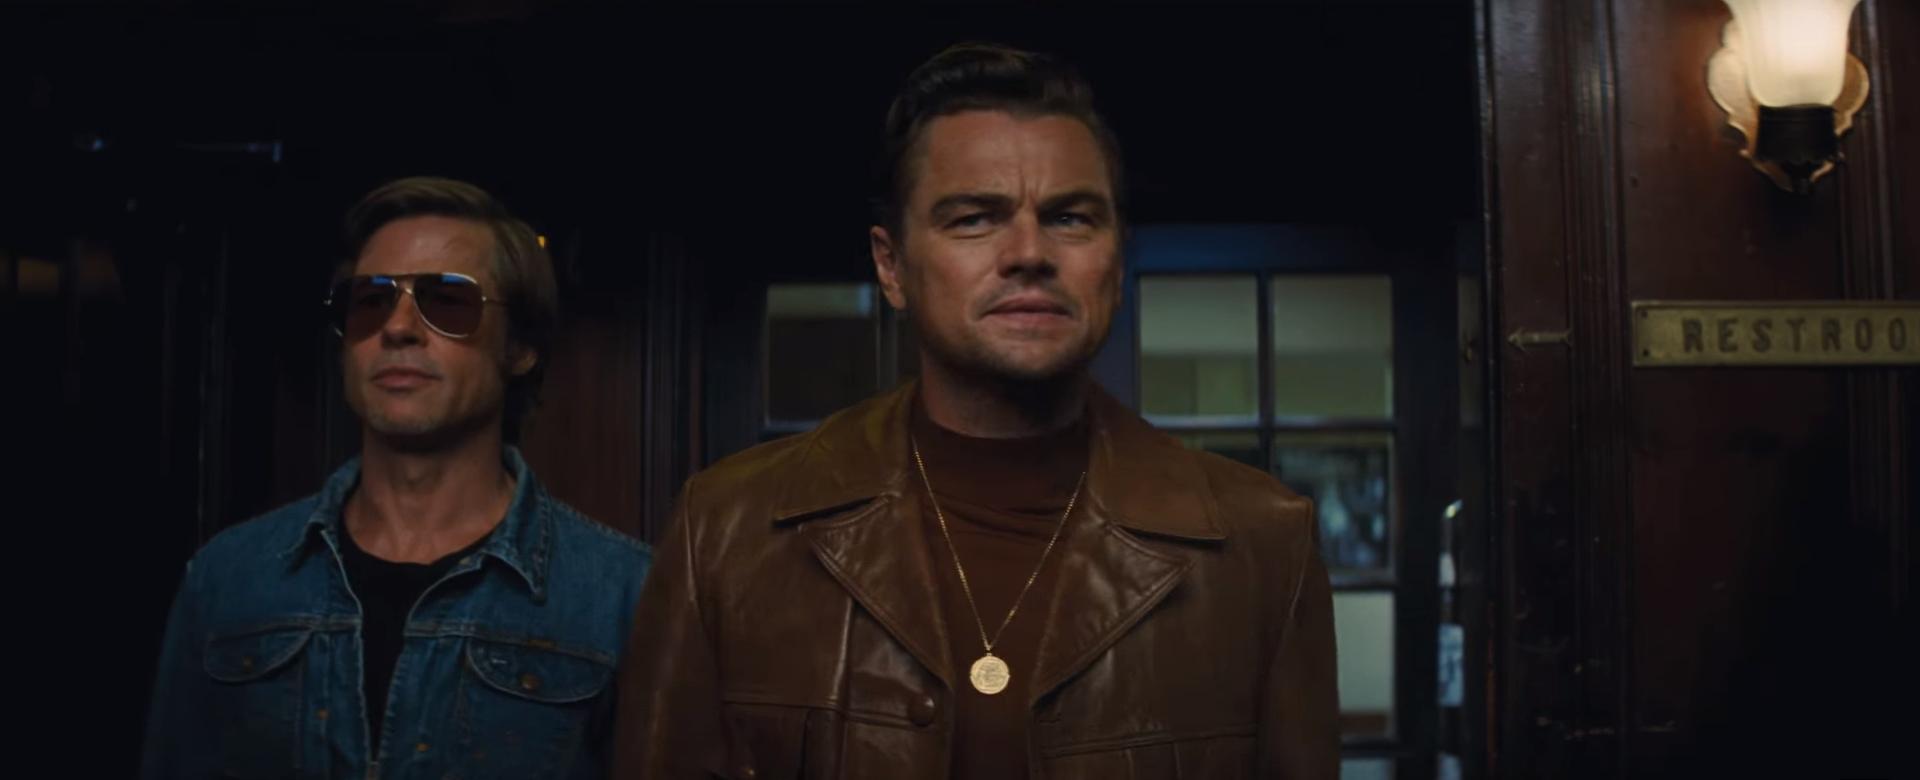 C'era_una_volta_a_Hollywood_Pitt-DiCaprio